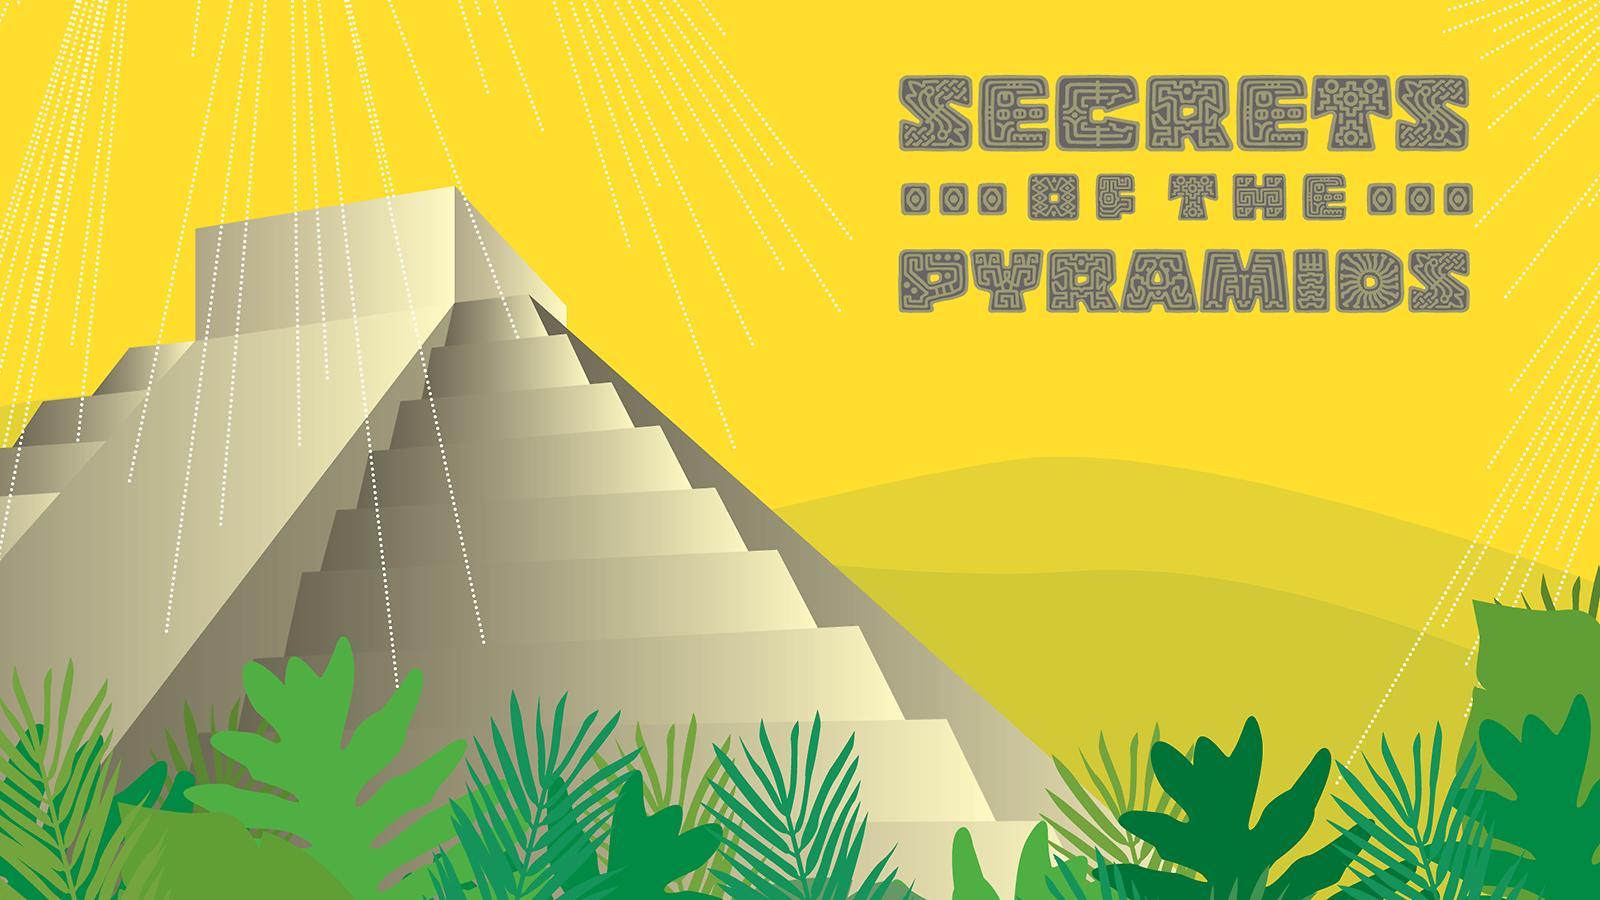 An illustration of a Mayan pyramid